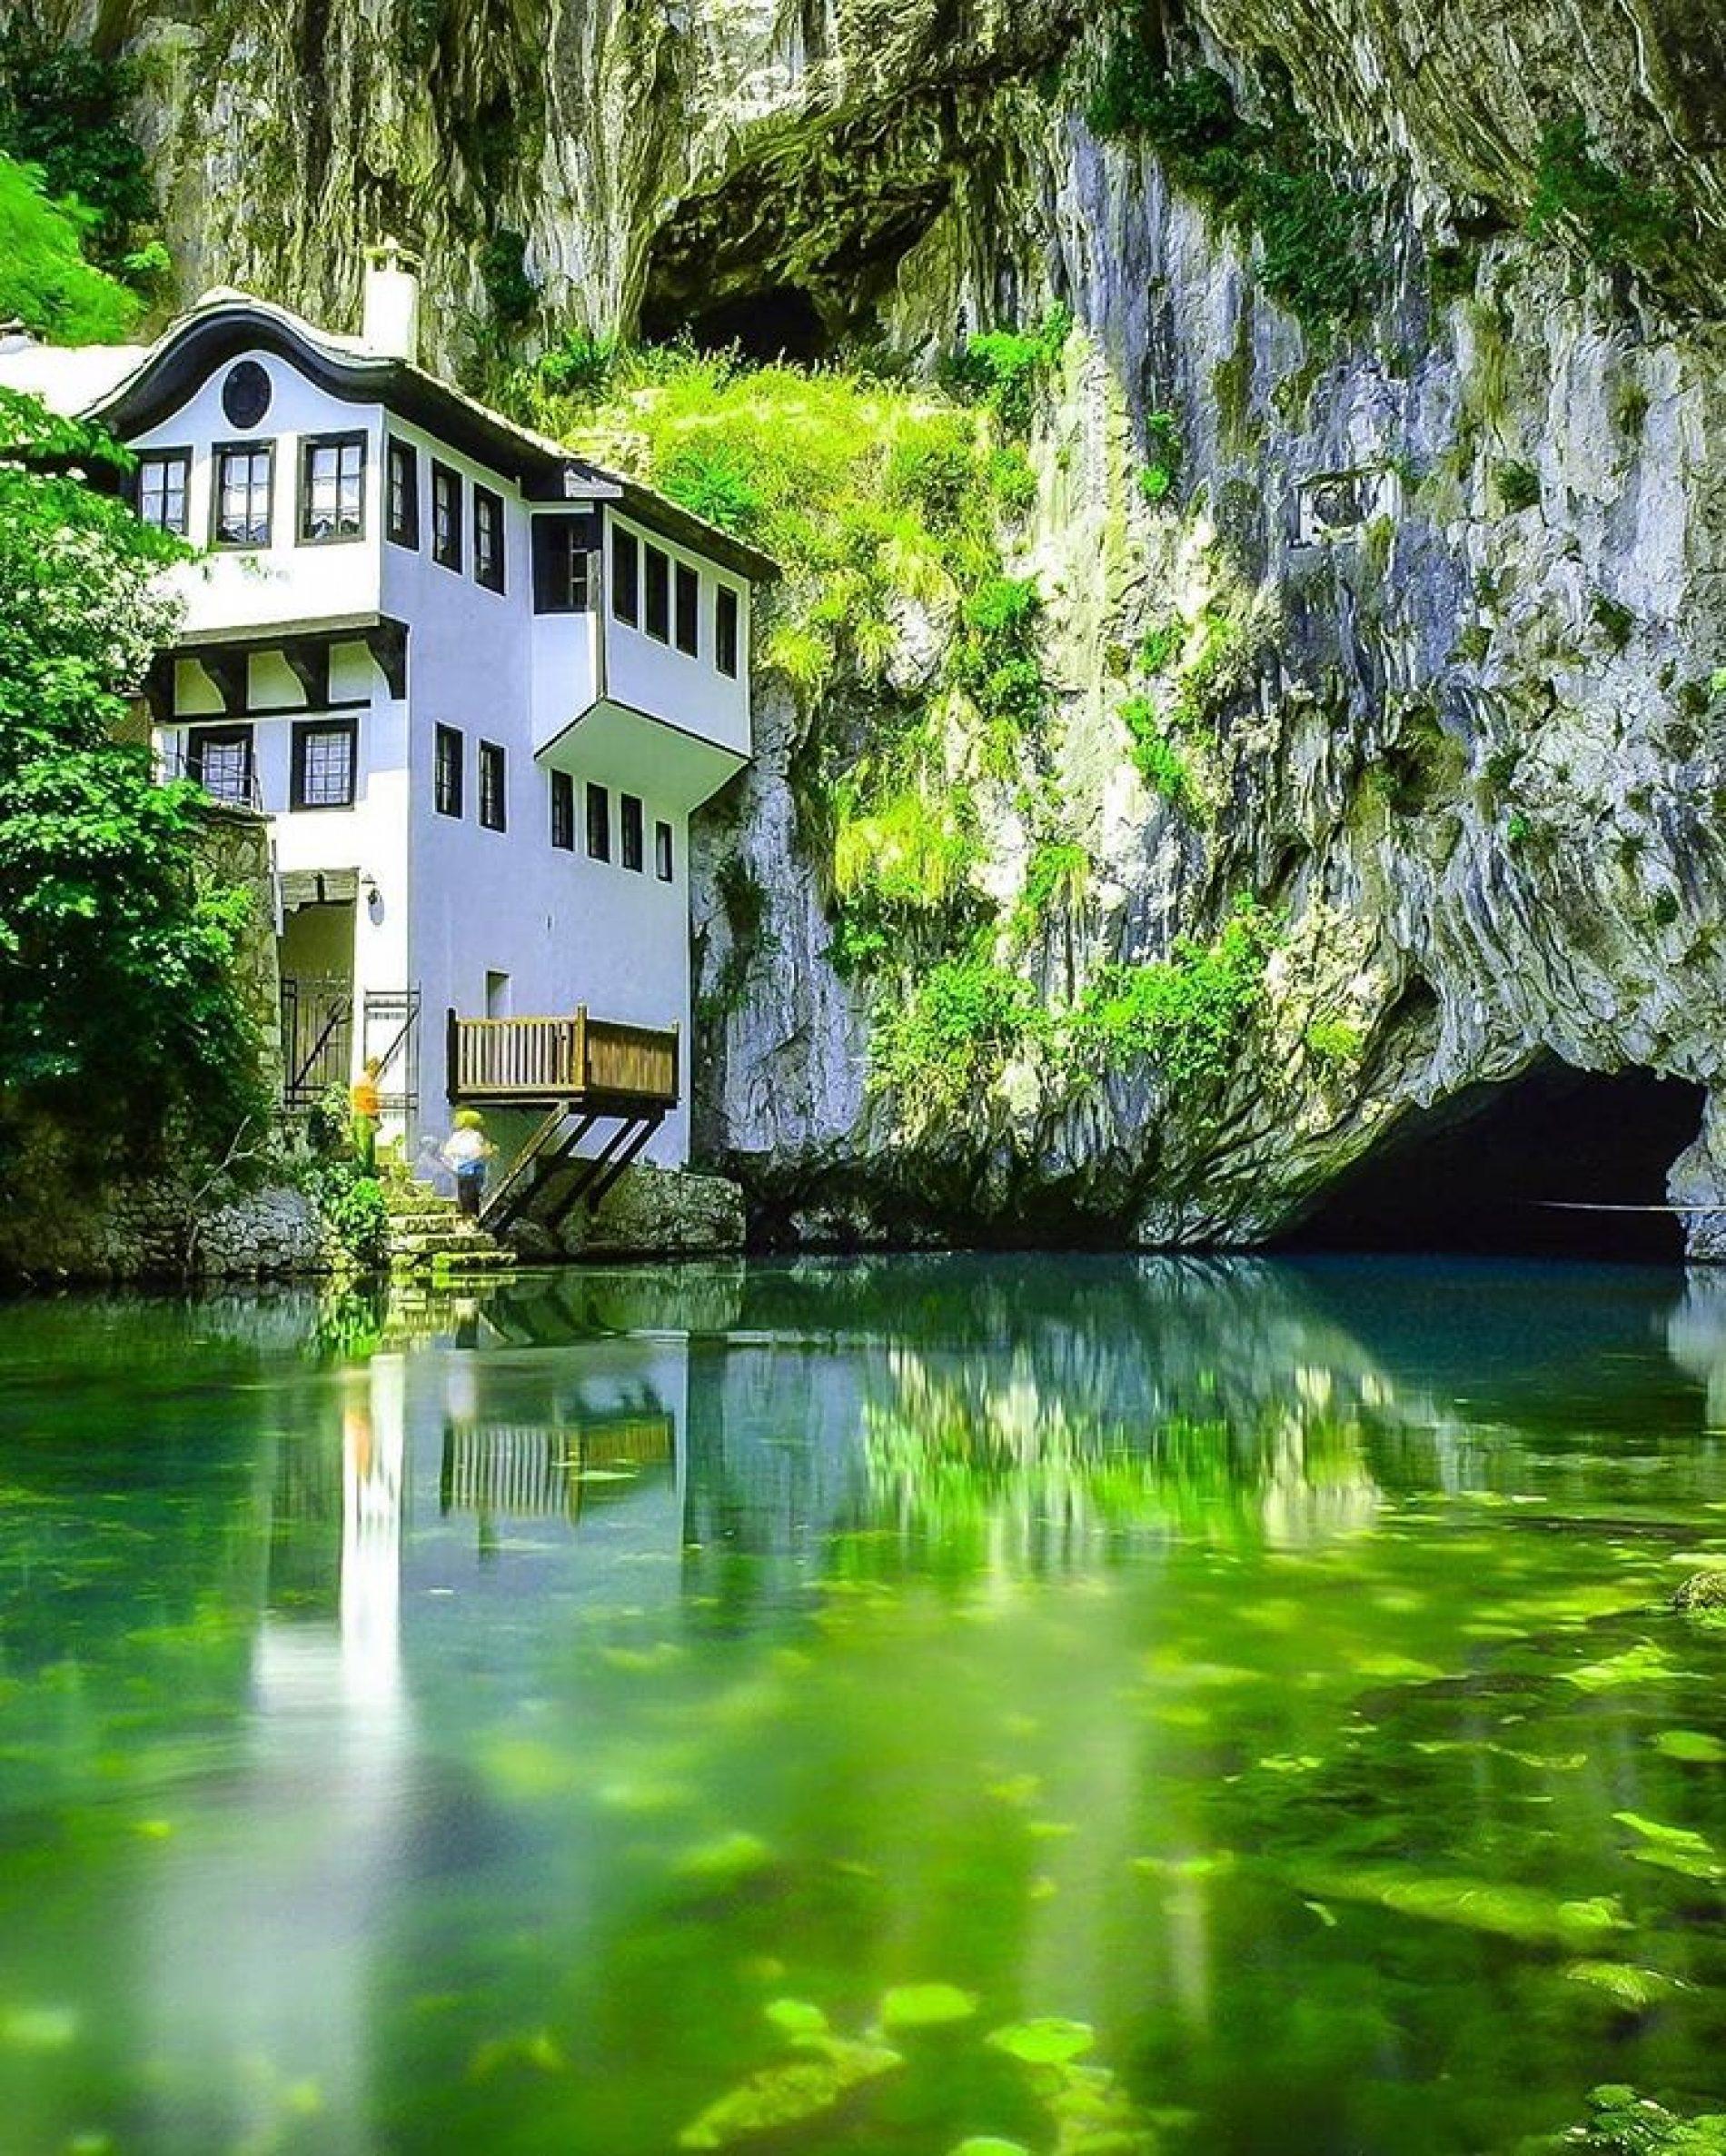 'Ne želim nikome više da punim džepove.. imamo toliko lijepih destinacija u Bosni i Hercegovini'